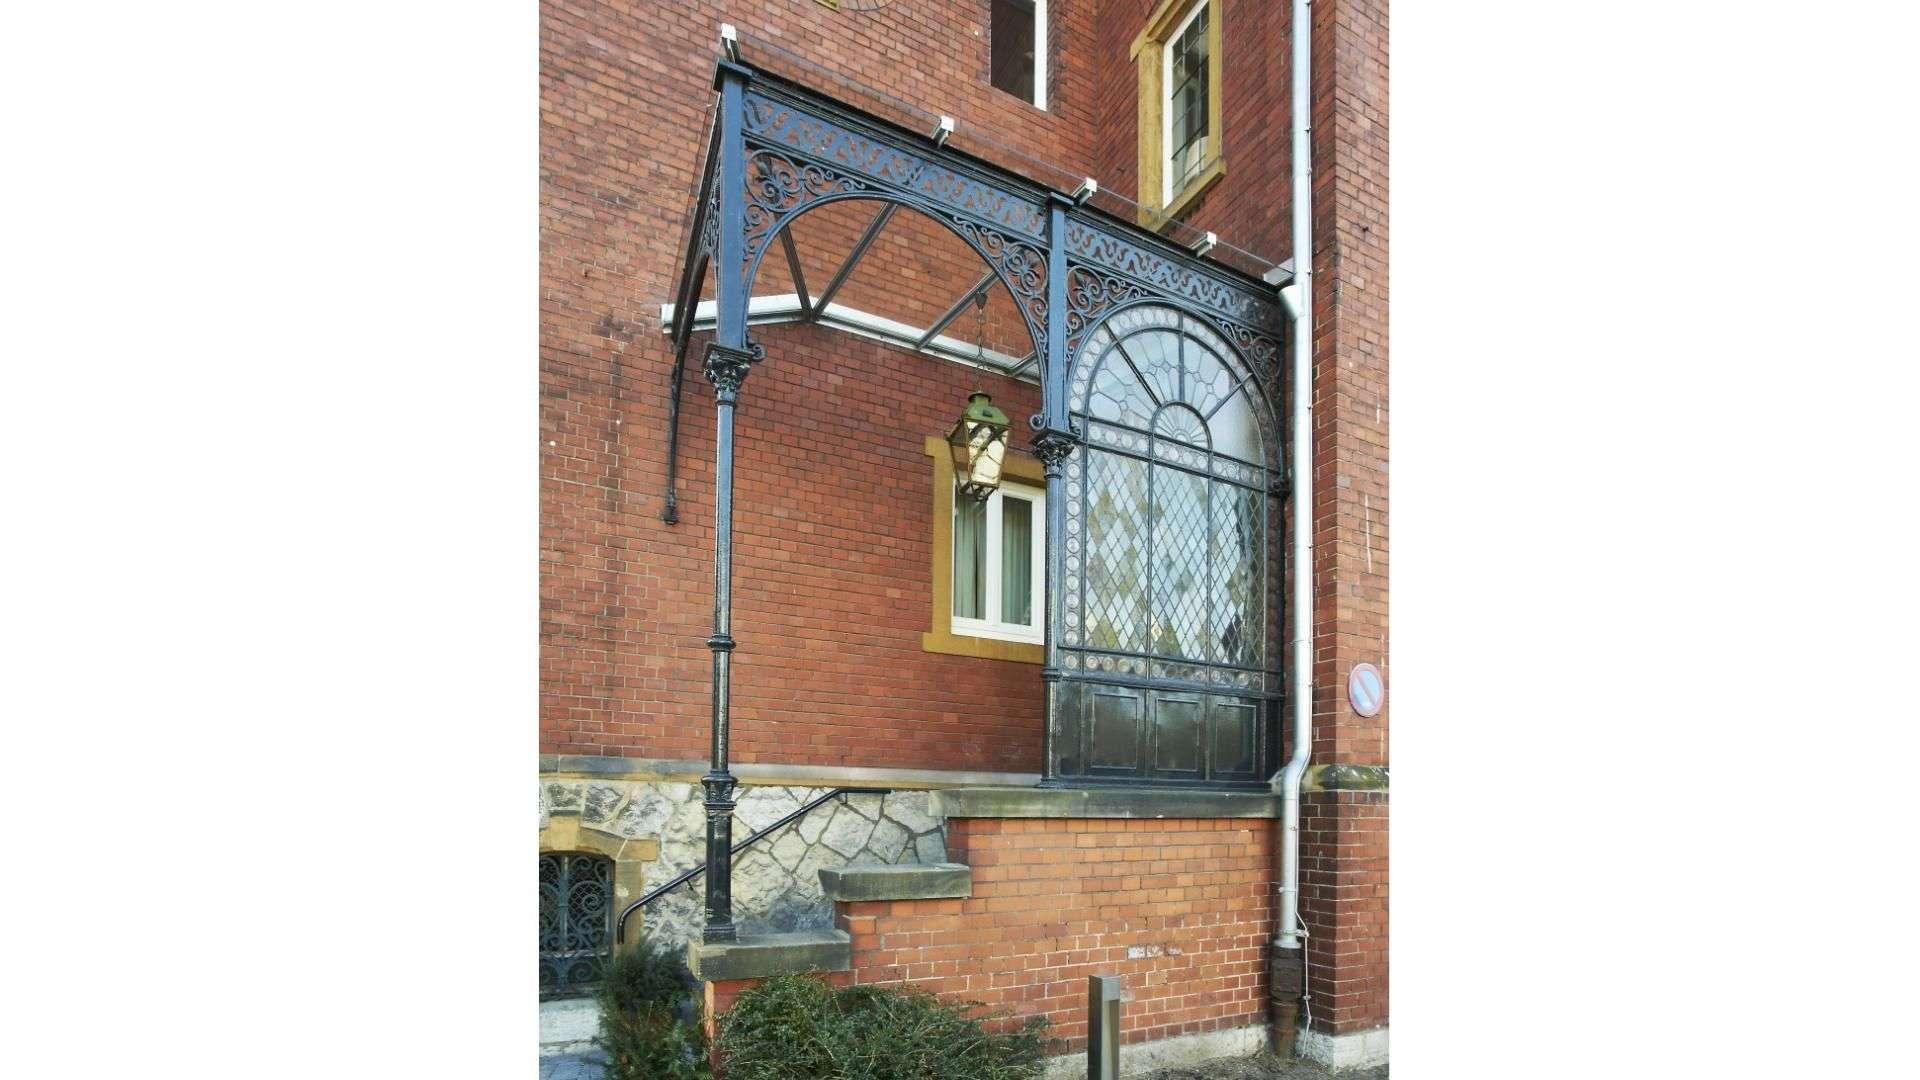 Überdachung über Haustür mit Treppenaufgang